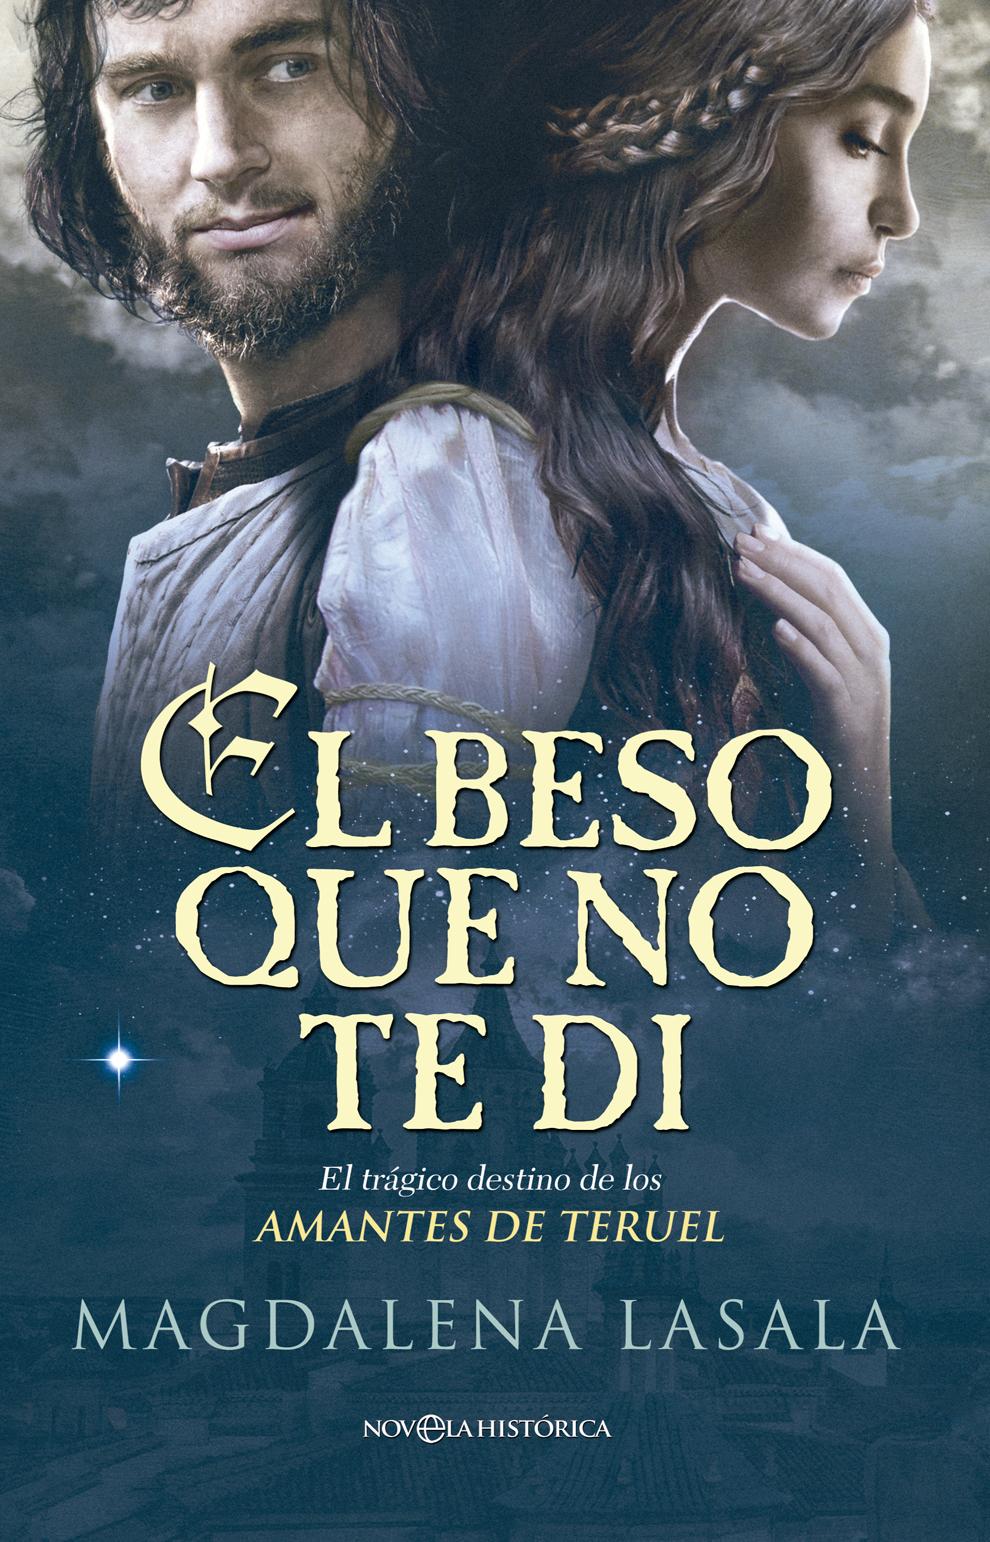 El trágico destino de los amantes de Teruel